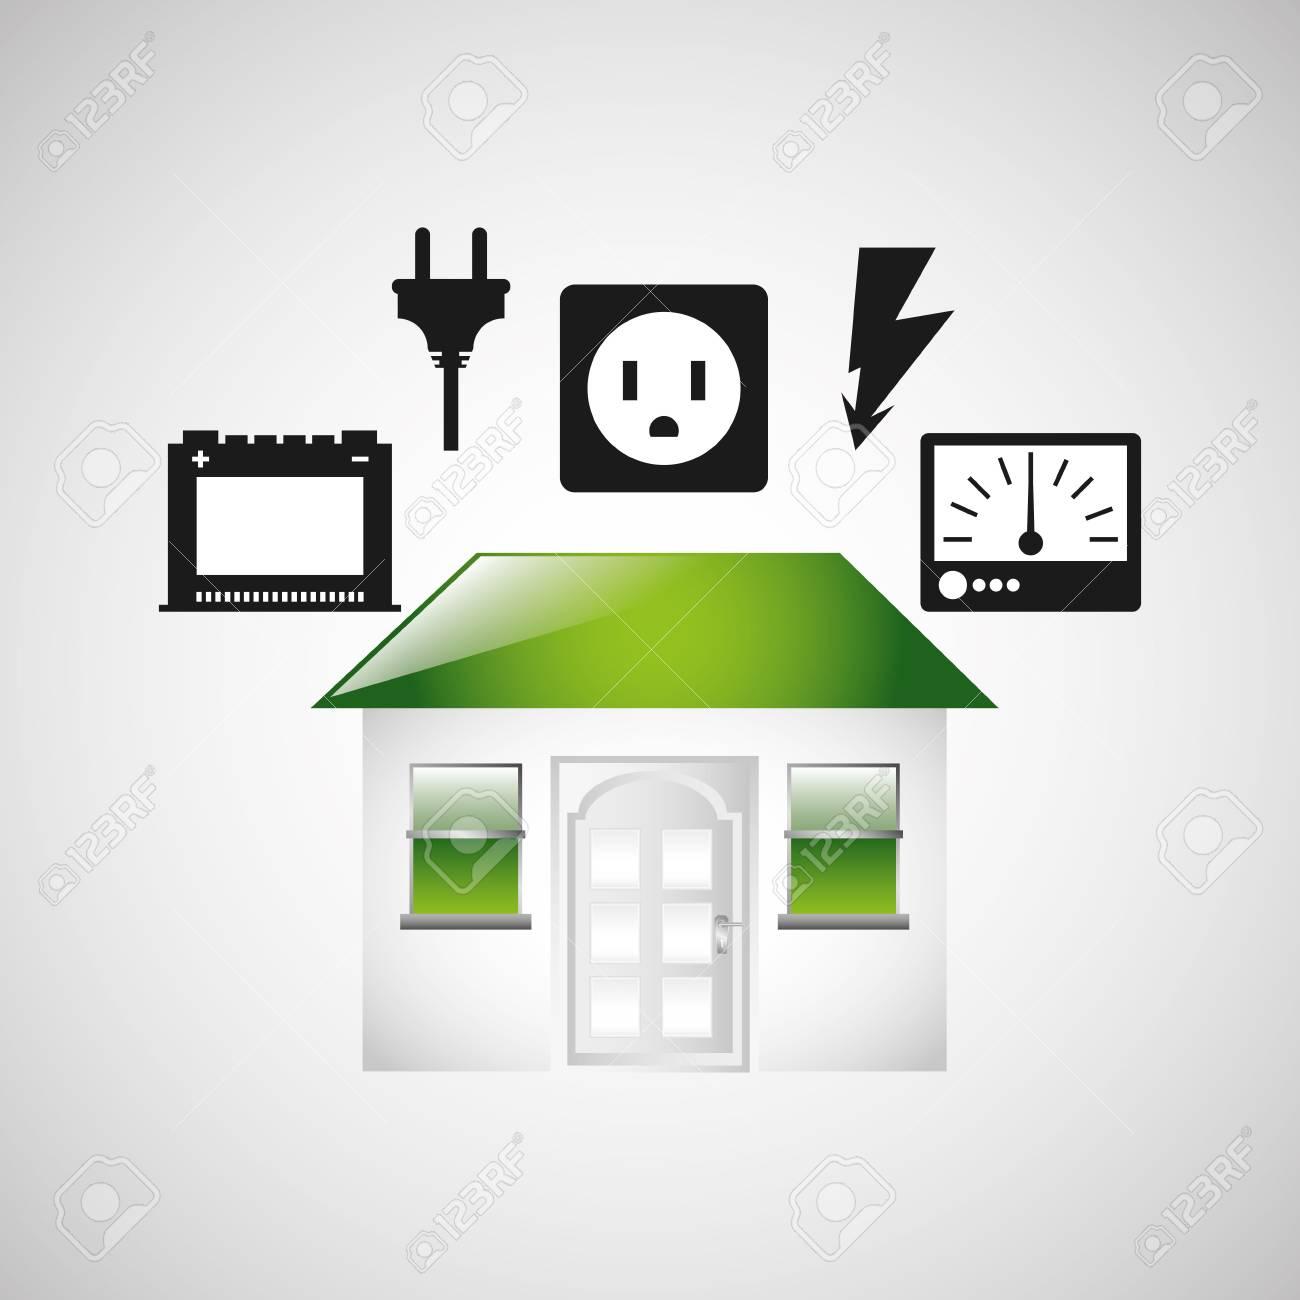 Maison Avec Alimentation électrique Icône Illustration Vectorielle - Alimentation electrique d une maison